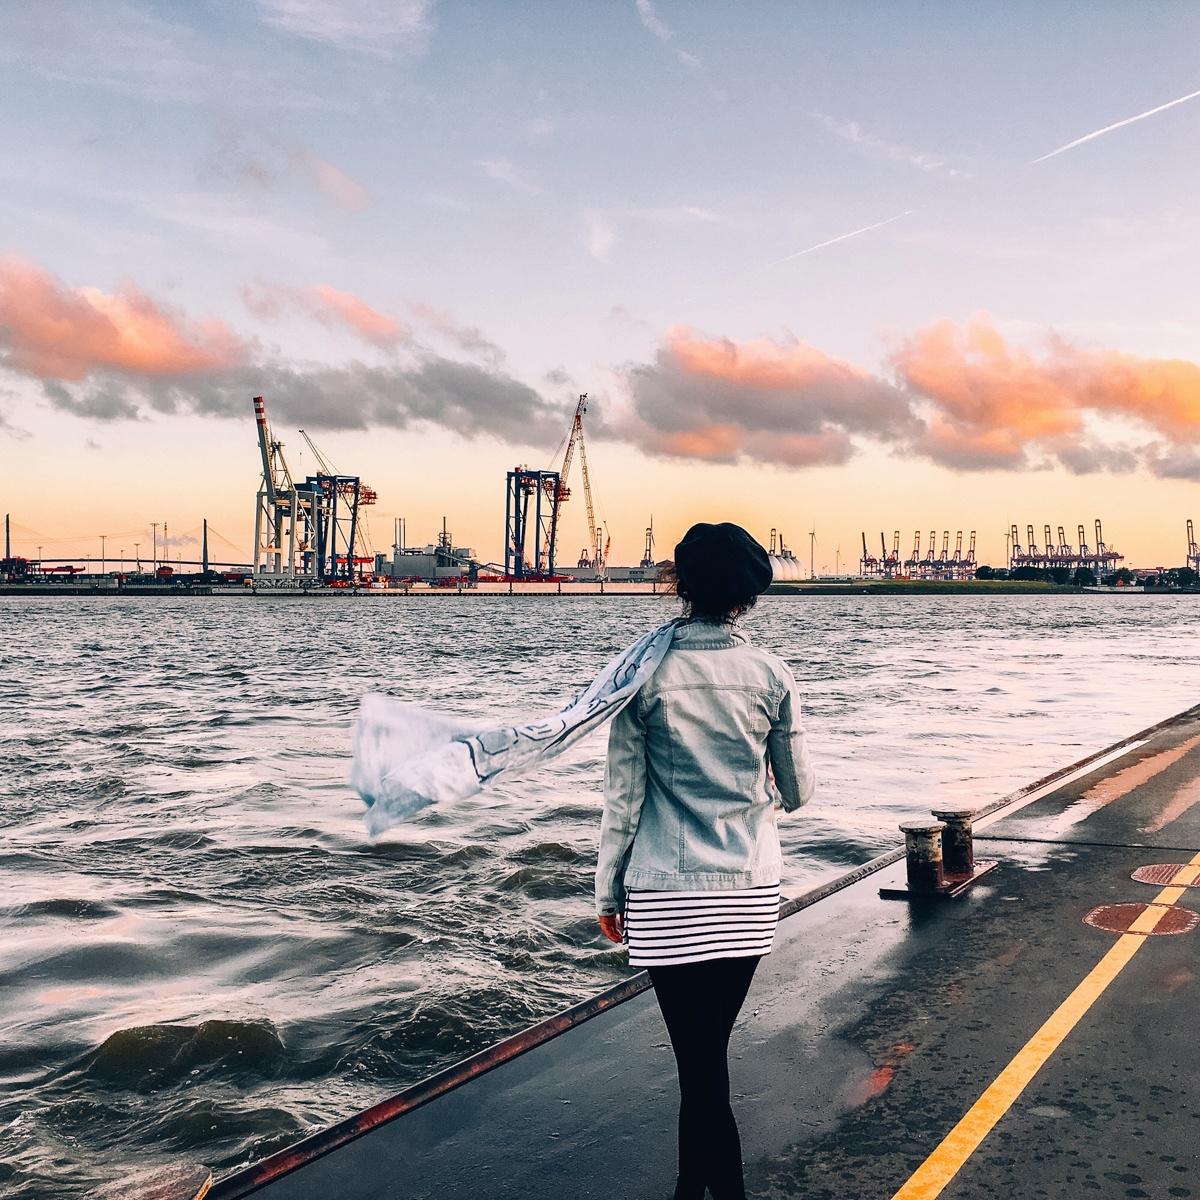 Juli Update - Sonnenuntergang am Hamburger Hafen ist immer wieder schön <3